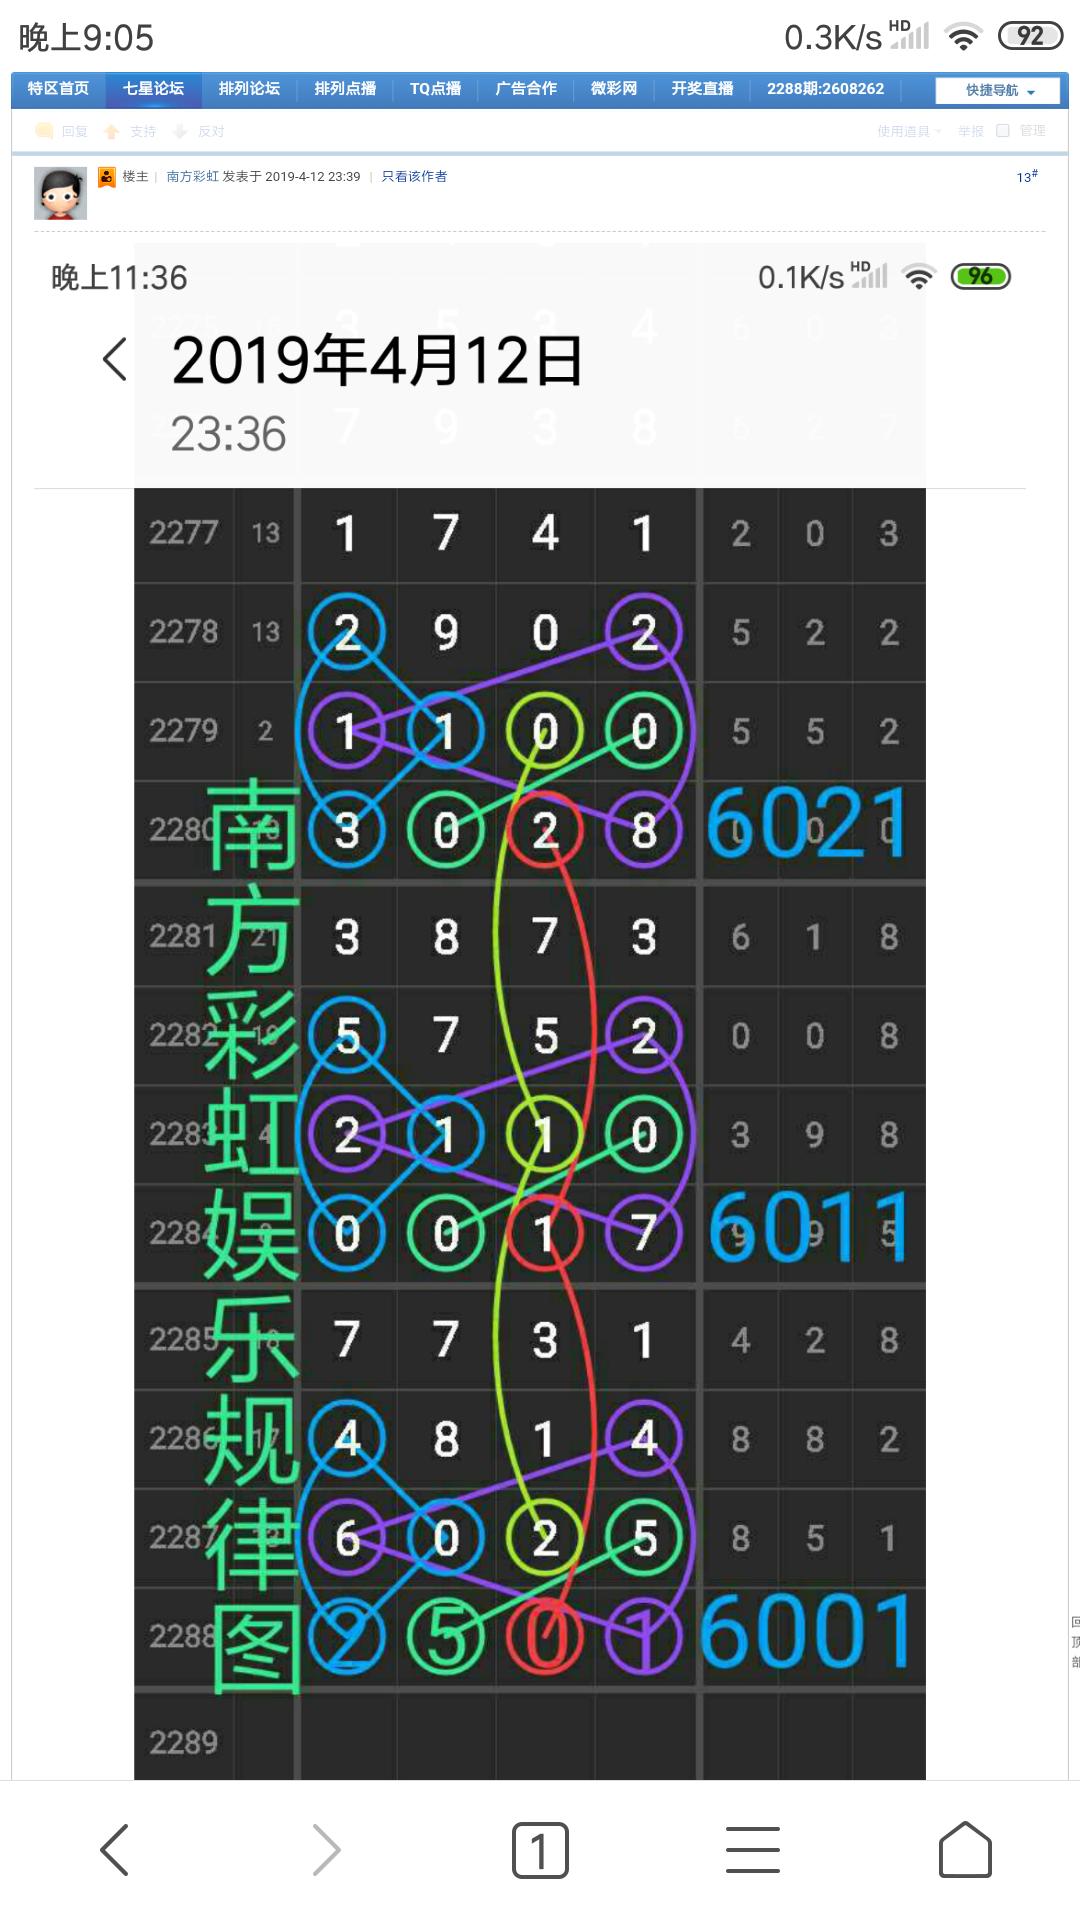 七星彩2288期规律图